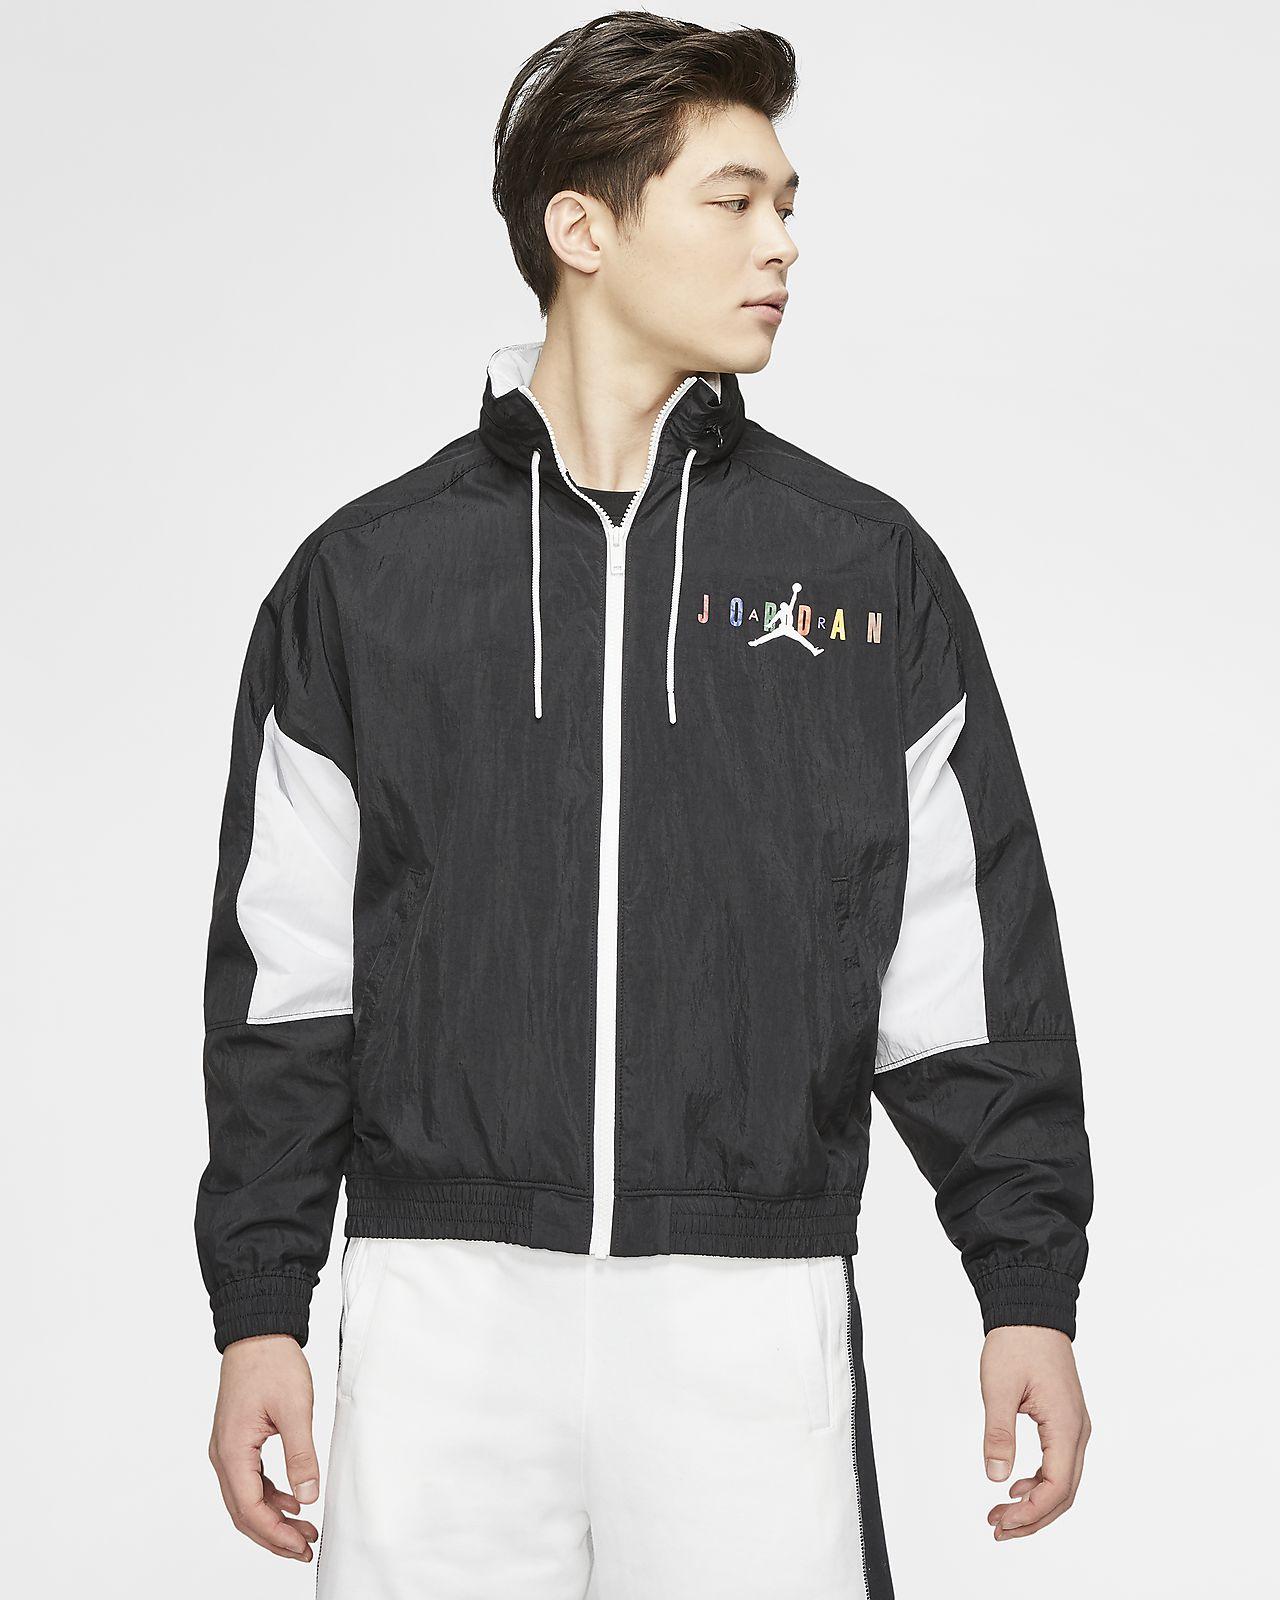 ジョーダン スポーツ DNA メンズジャケット